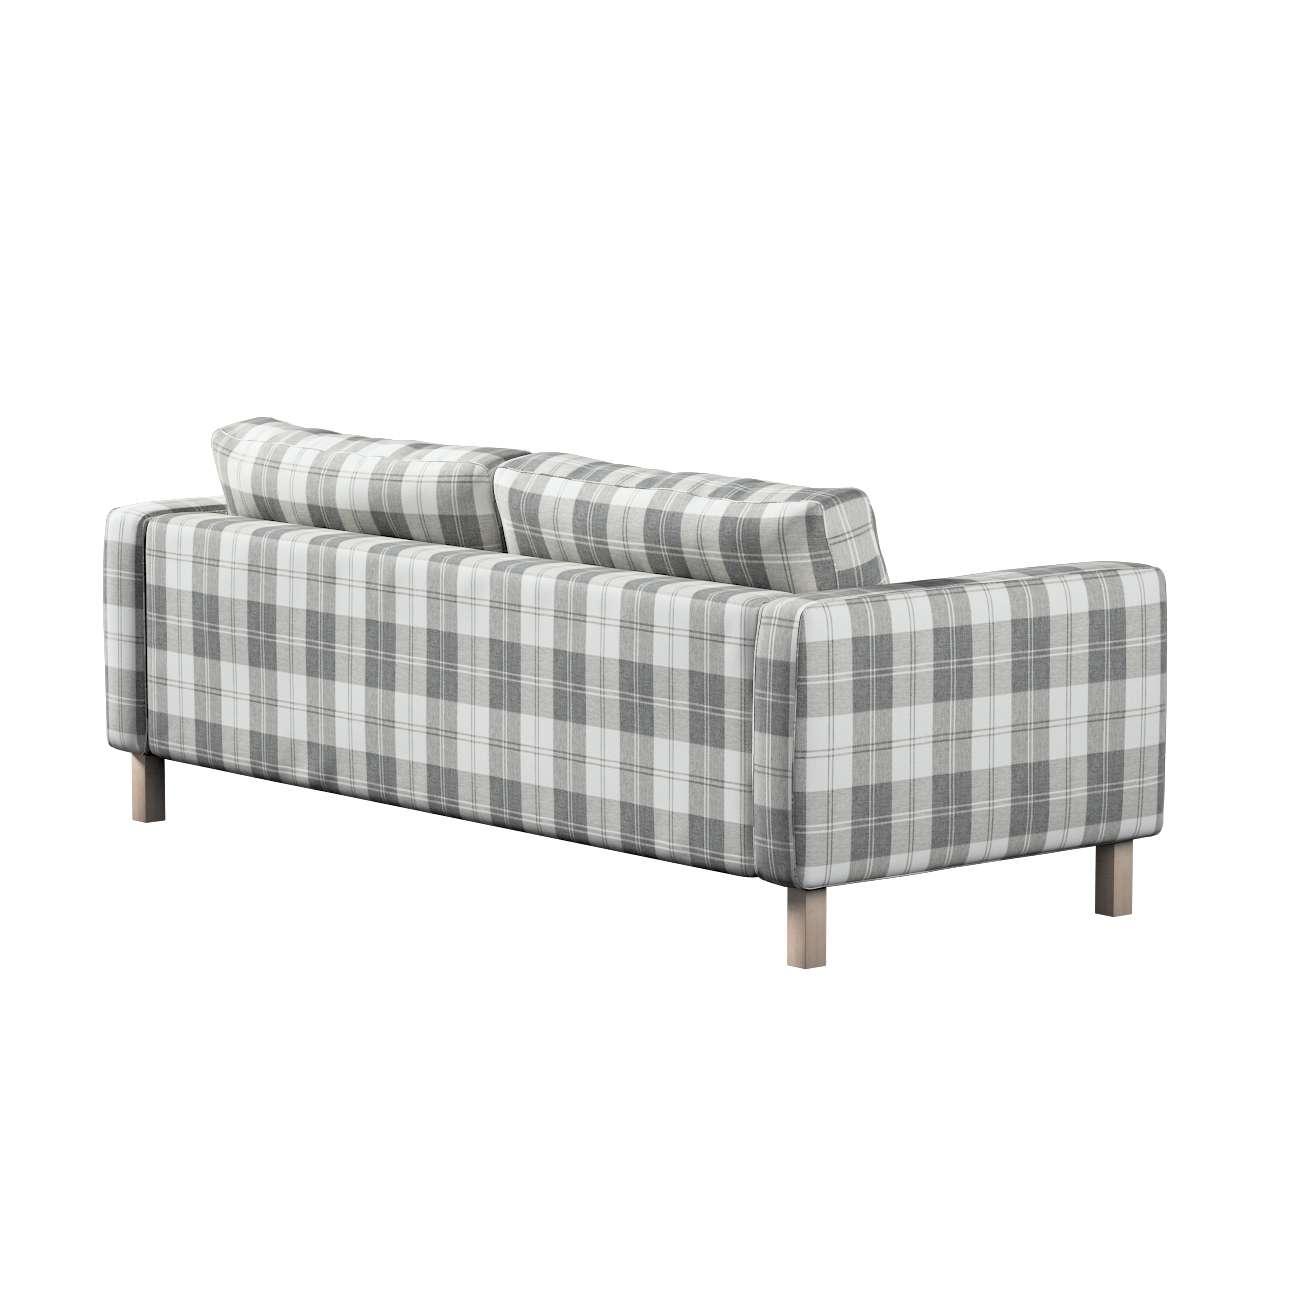 Hoes voor Karlstad 3-zitsbank van IKEA van de collectie Edinburgh, Stof: 115-79